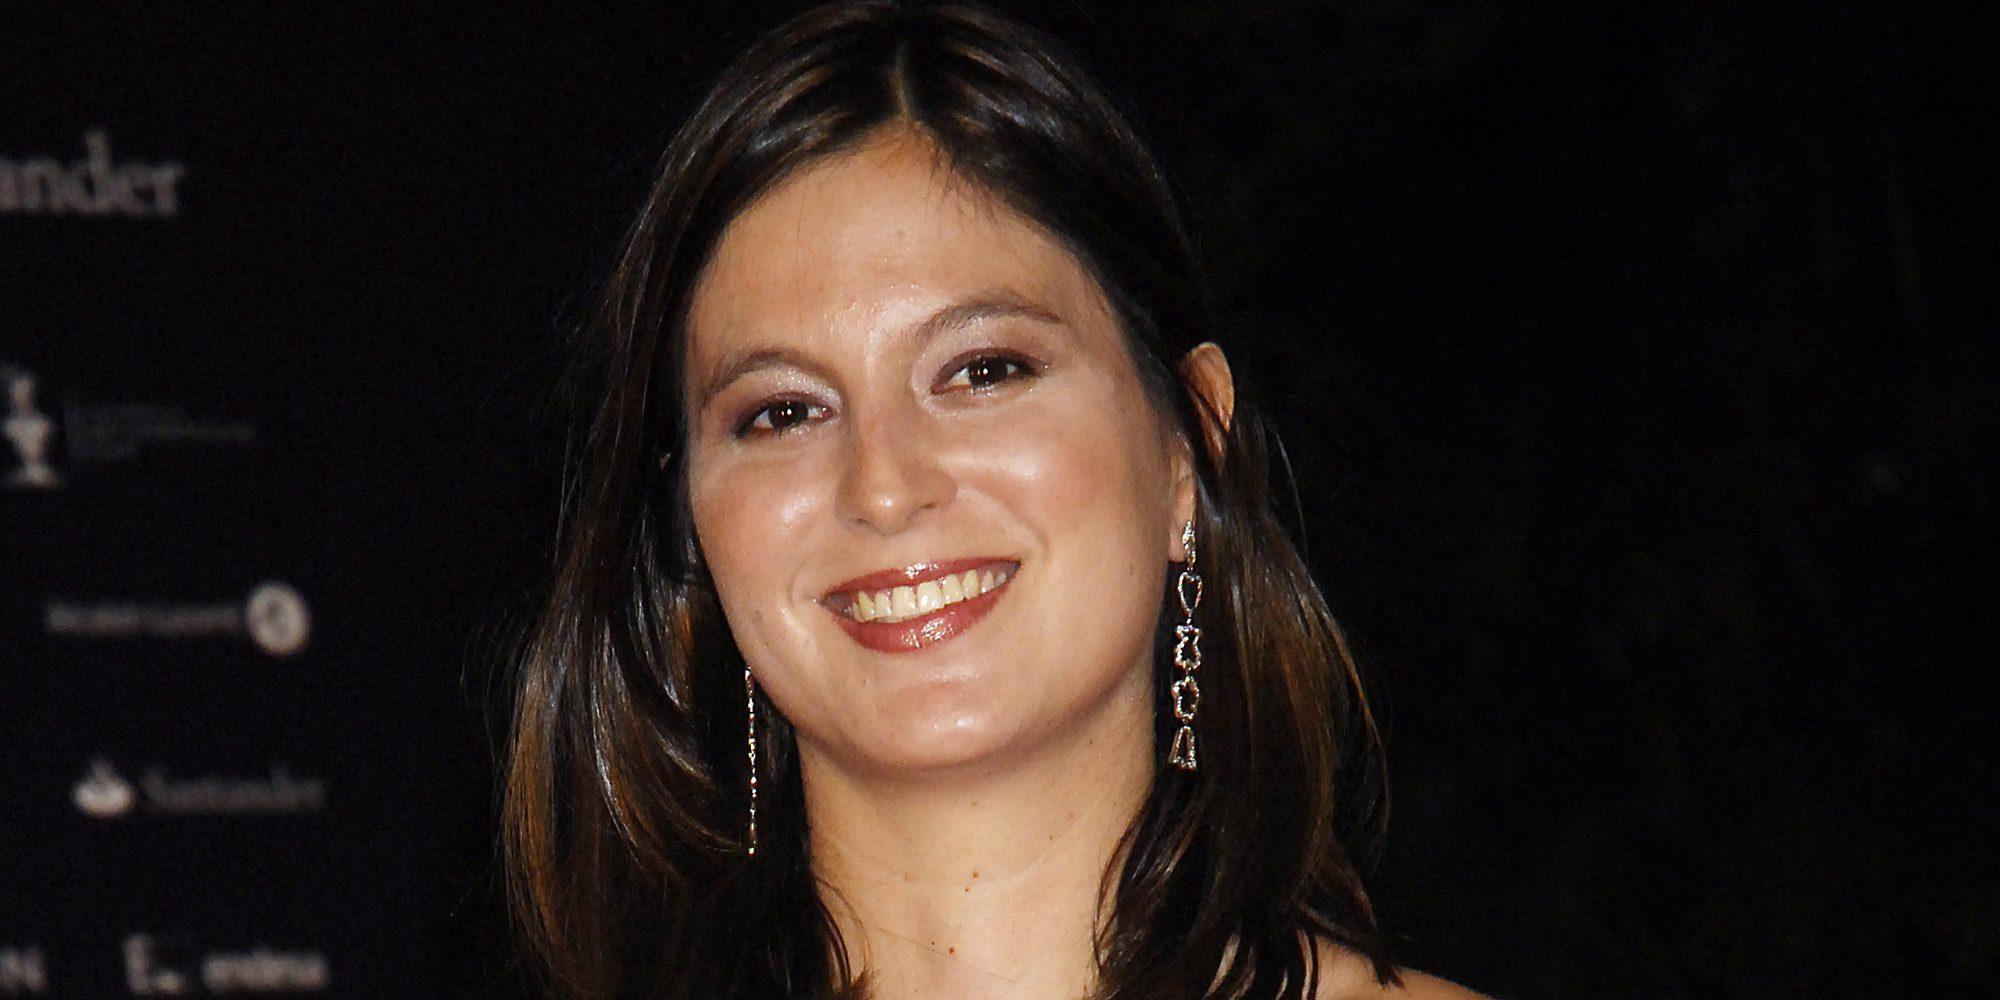 La vida de Chábeli Iglesias en cuatro momentos: así es la hija más 'desconocida' de Isabel Preysler